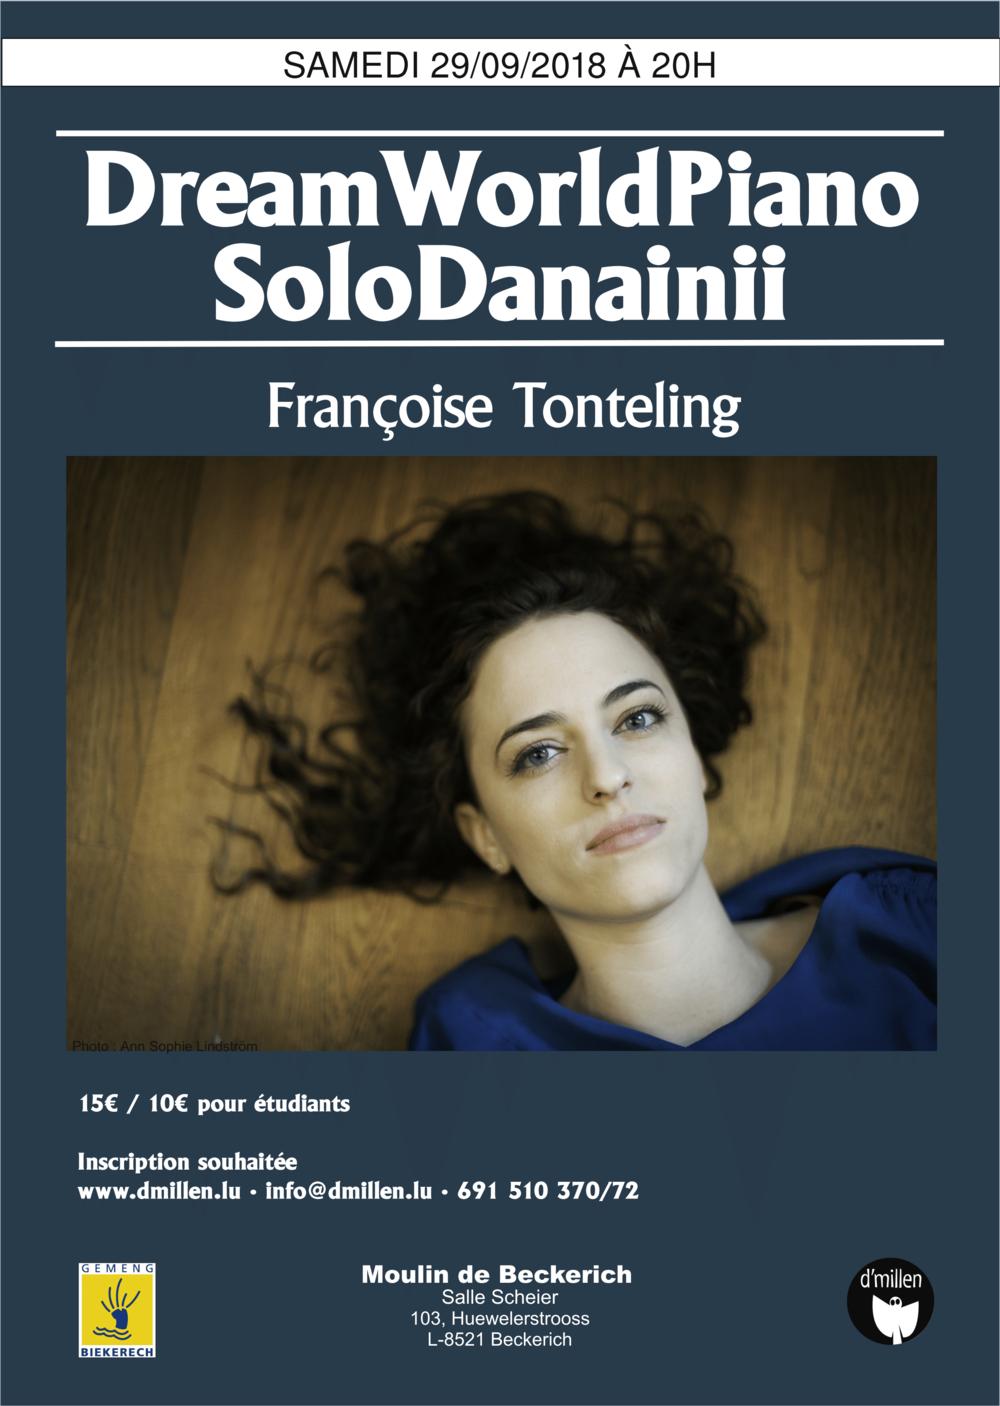 Affiche Françoise Tonteling-bd-1.png